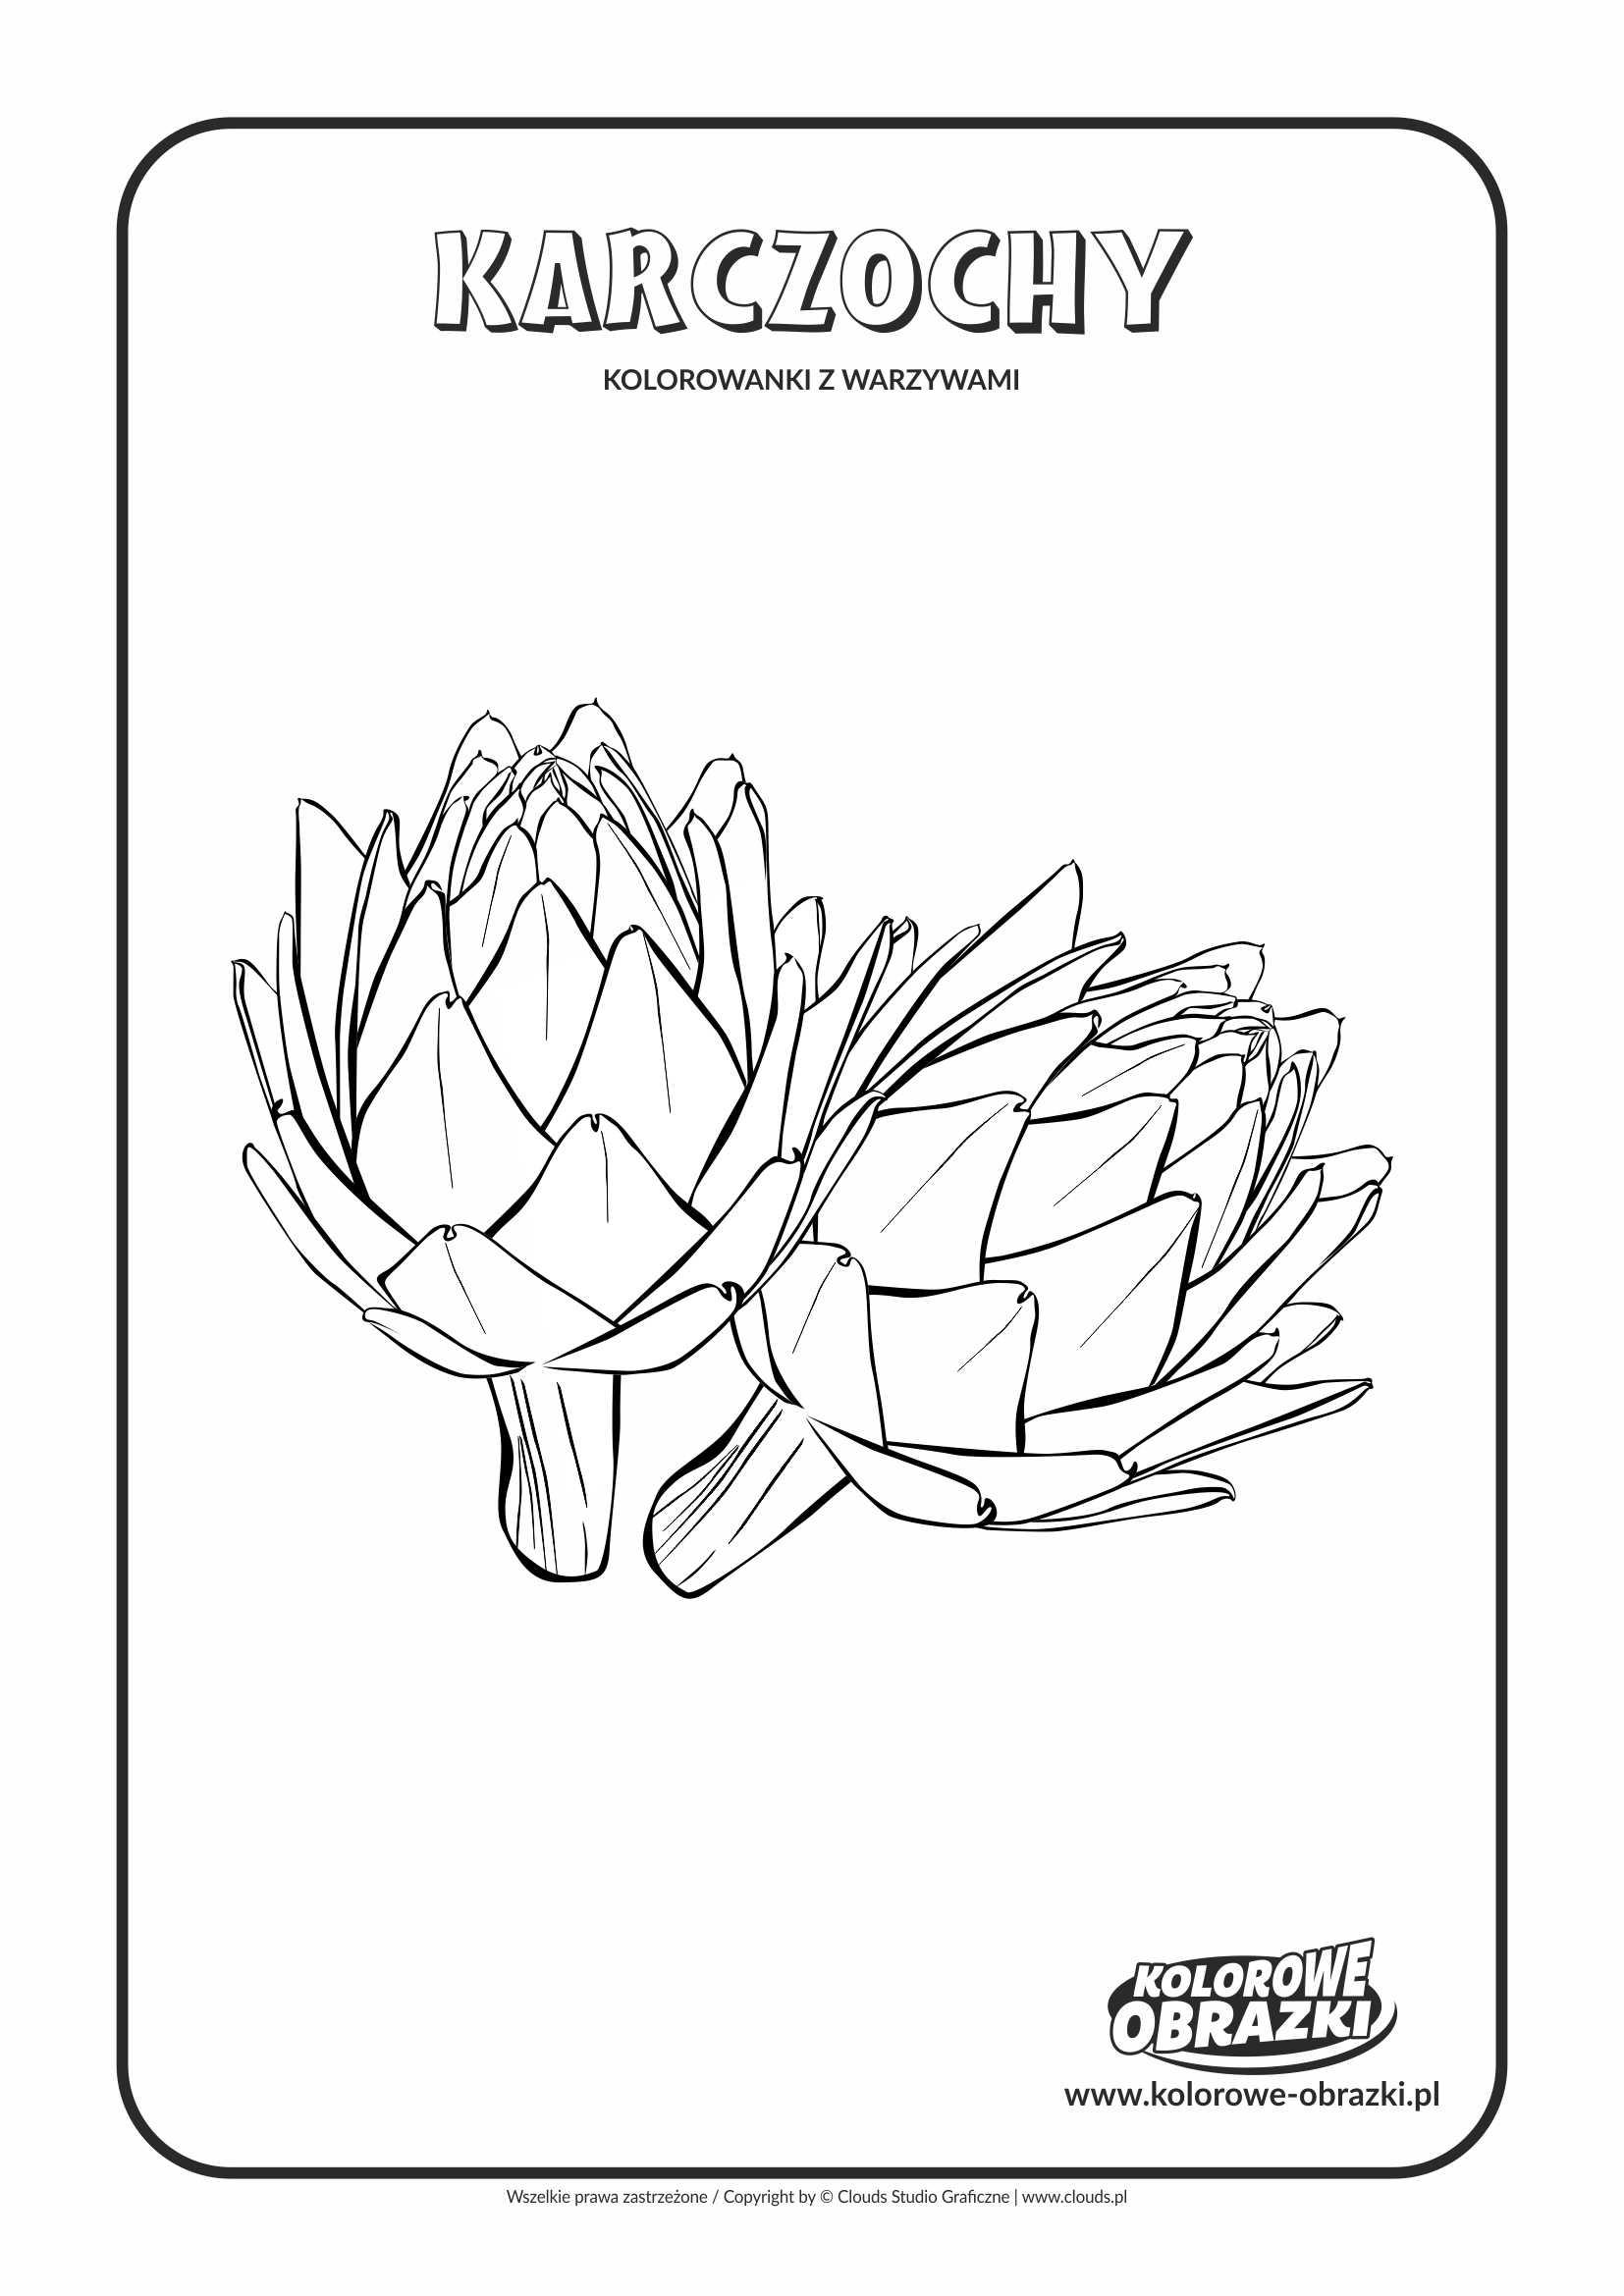 Kolorowanki dla dzieci - Rośliny / Karczochy. Kolorowanka z karczochami